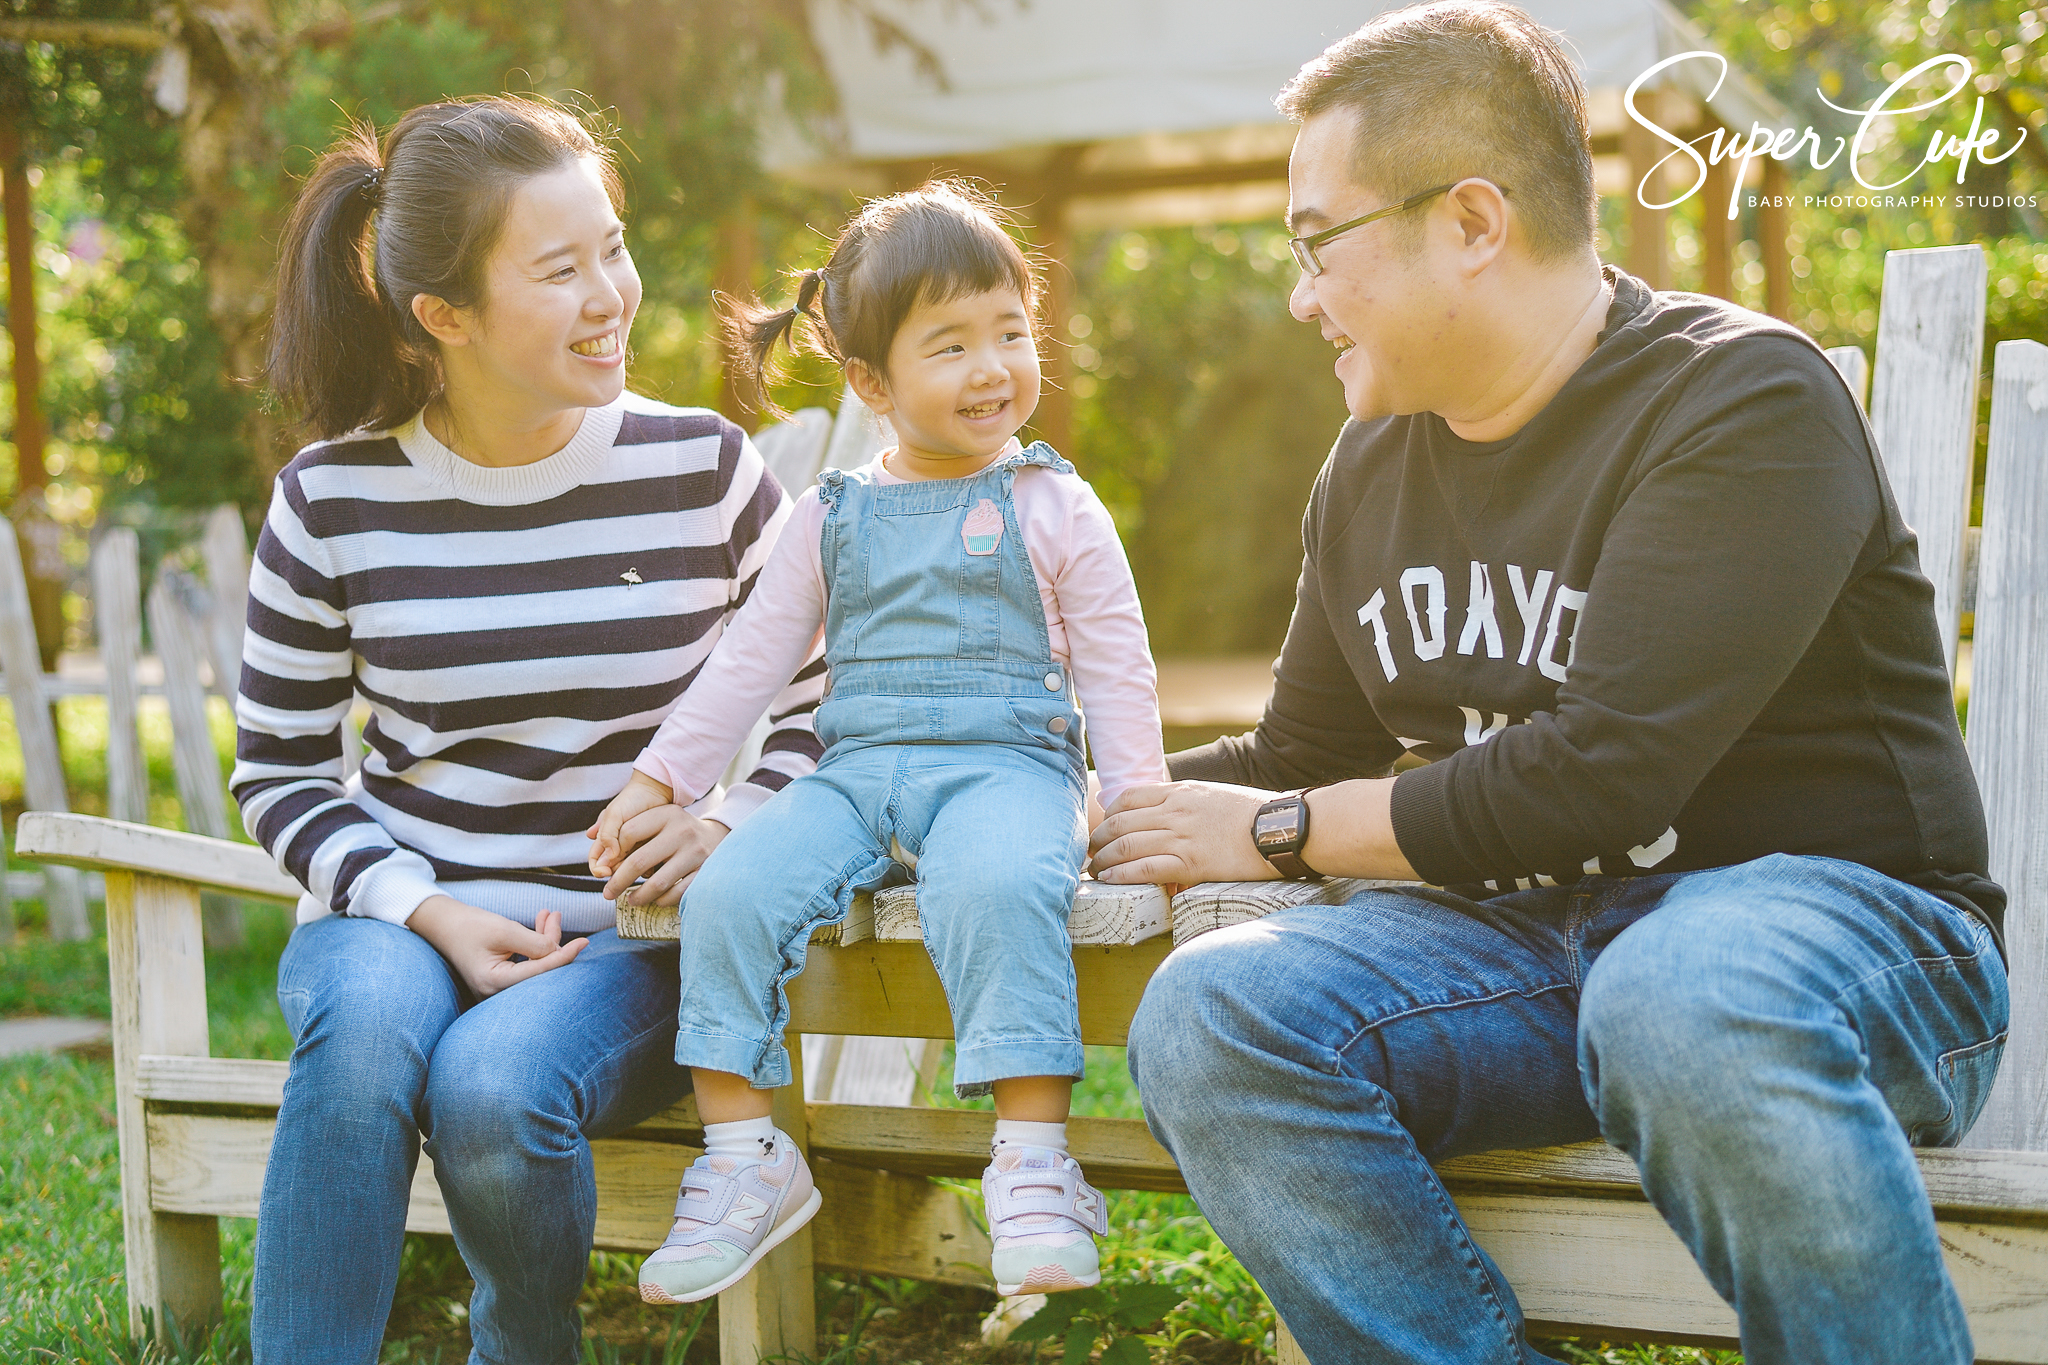 攝影課程,三峽,皇后鎮森林,戶外寫真,寶寶寫真,兒童寫真,親子寫真,全家福,寶寶,兒童,台北攝影,攝影,活動攝影,kids,baby,child,photo,phototherapy,supercute